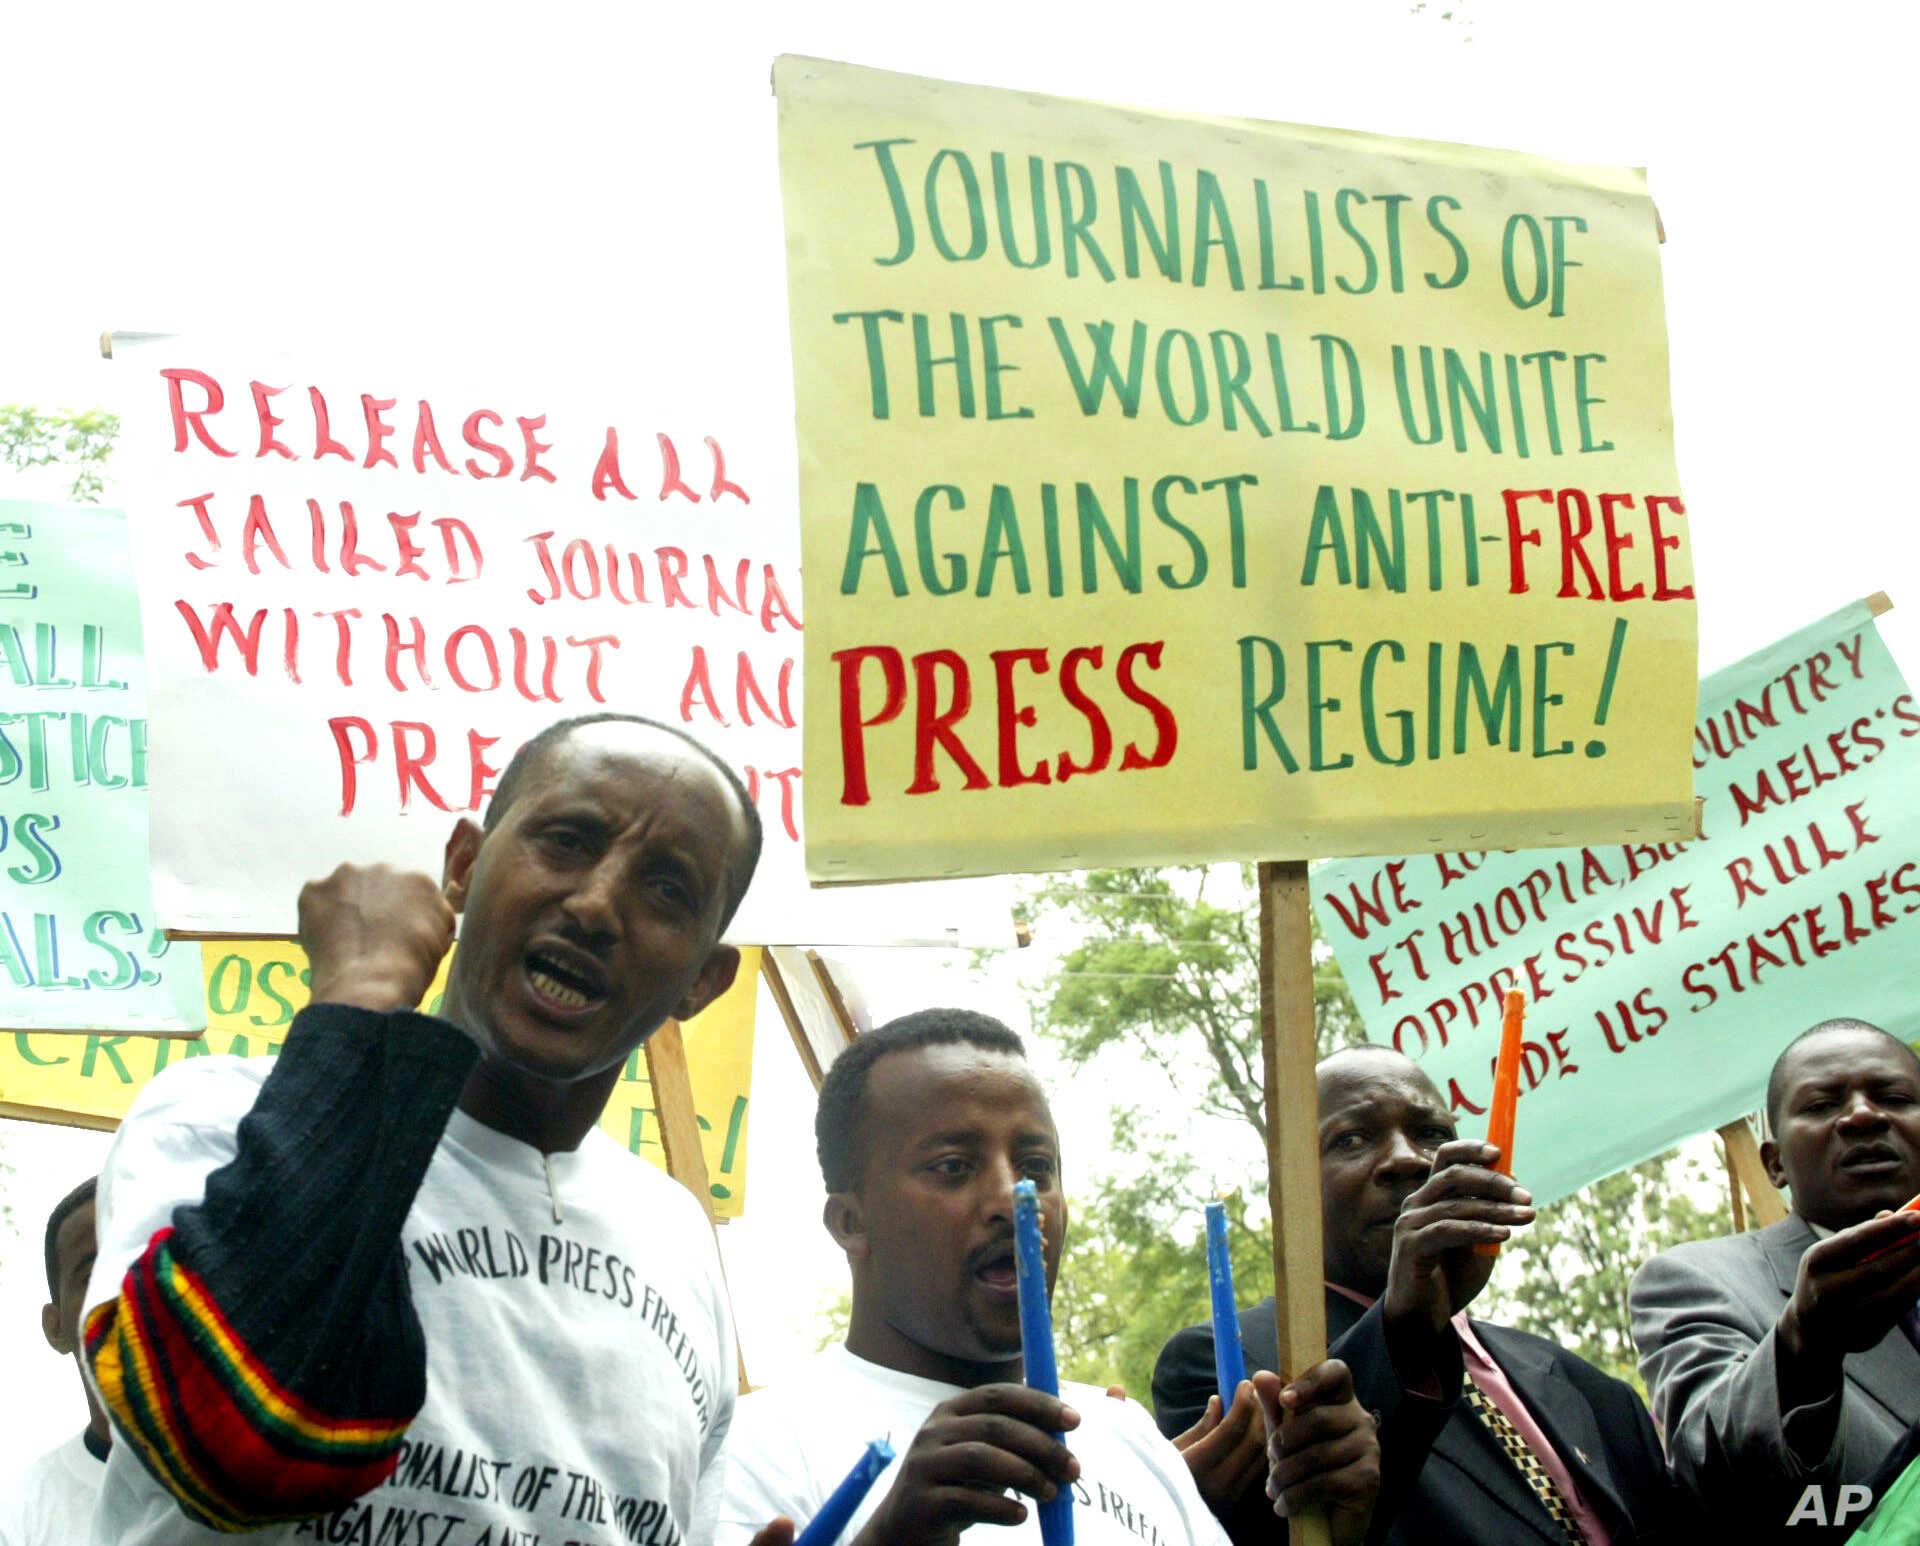 Etiopia, Una Guerra Contro L'informazione E I Giornalisti